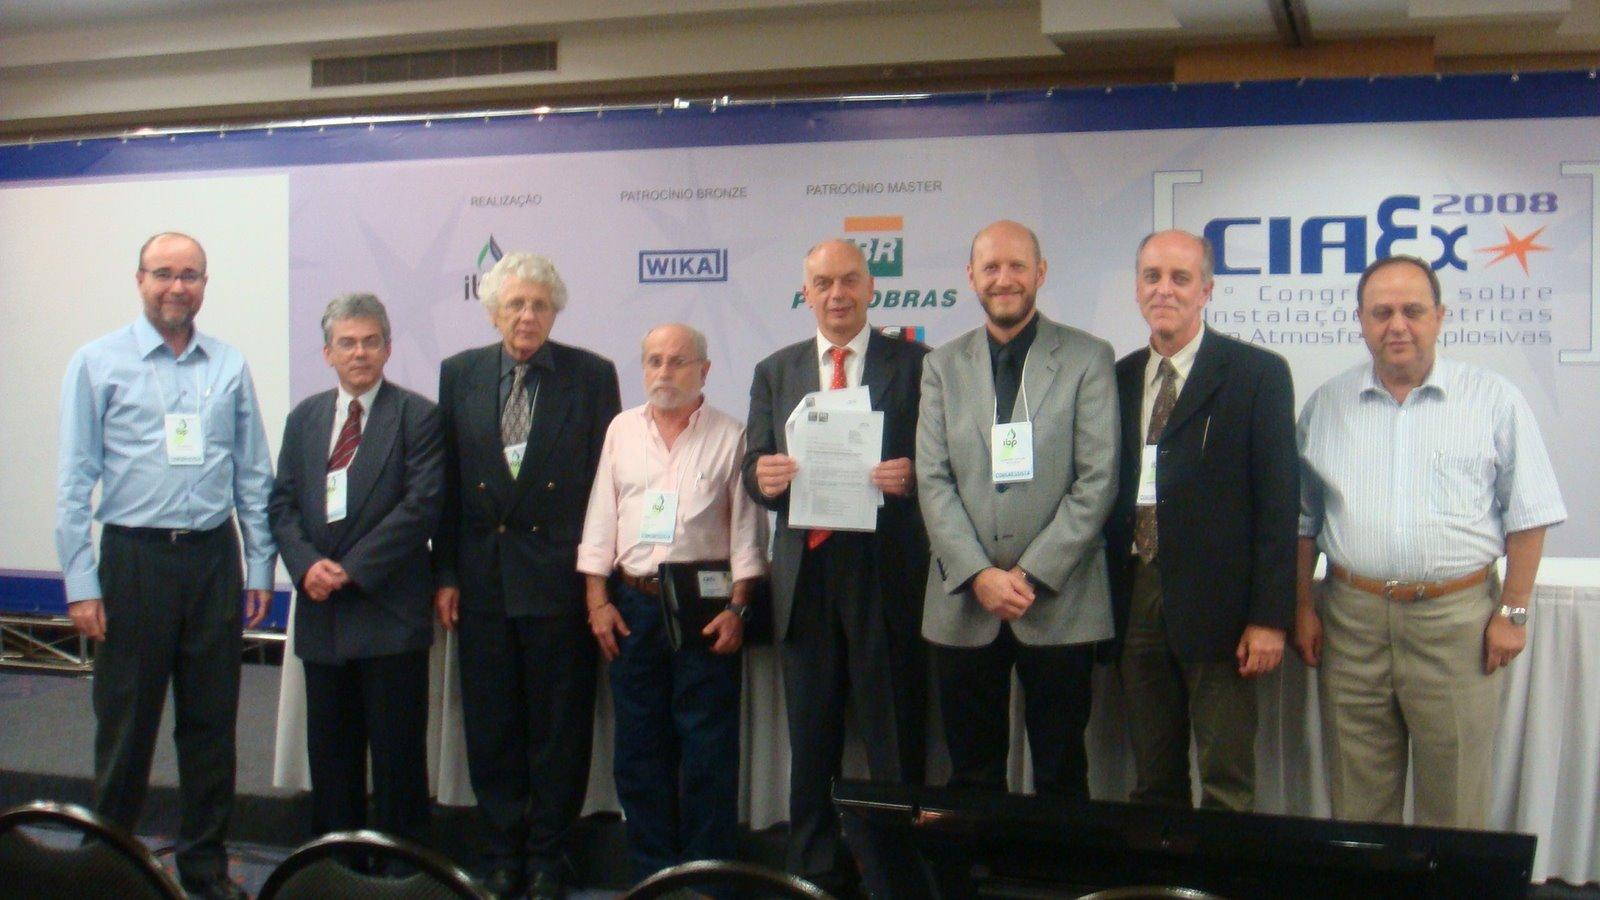 Inscrição do Brasil, através do COBEI - Brazilian National Committee, no IECEx System - 18/11/2008.